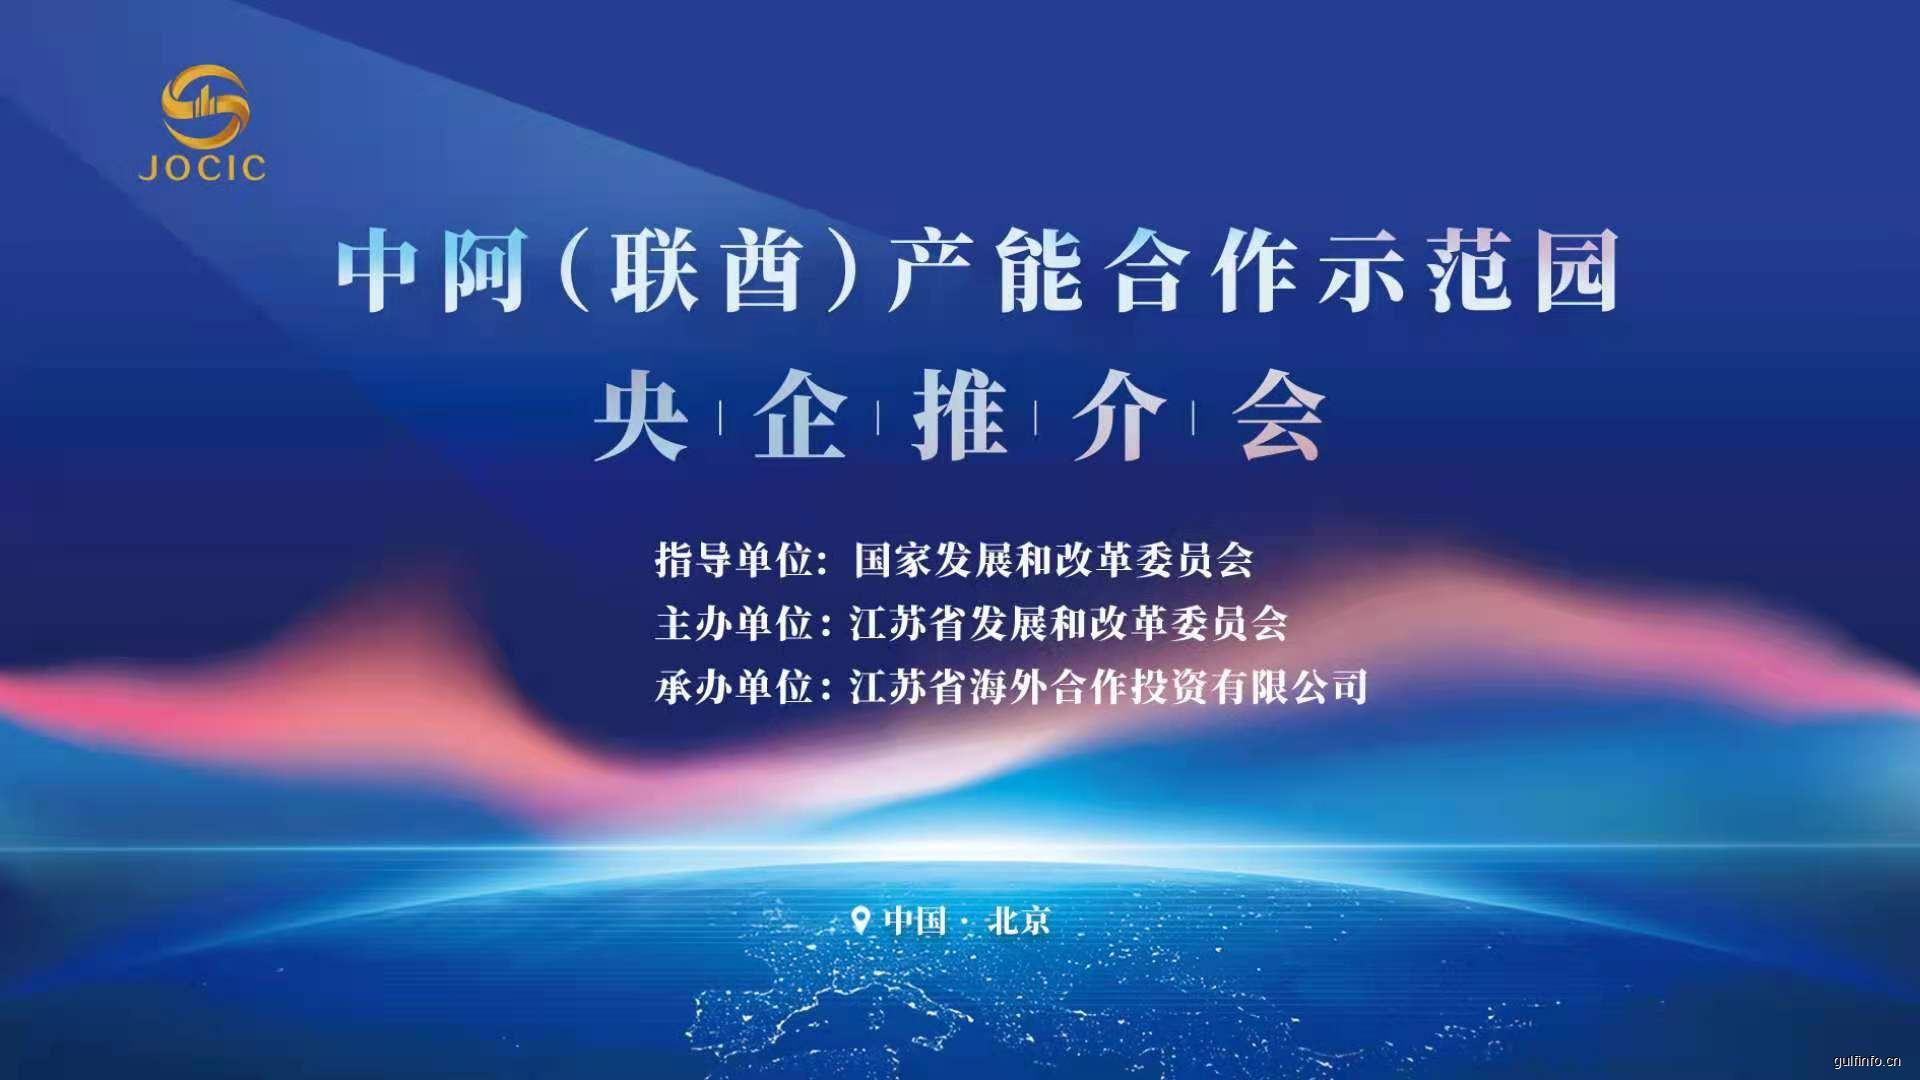 中阿(联酋)产能合作示范园央企推介会在京召开